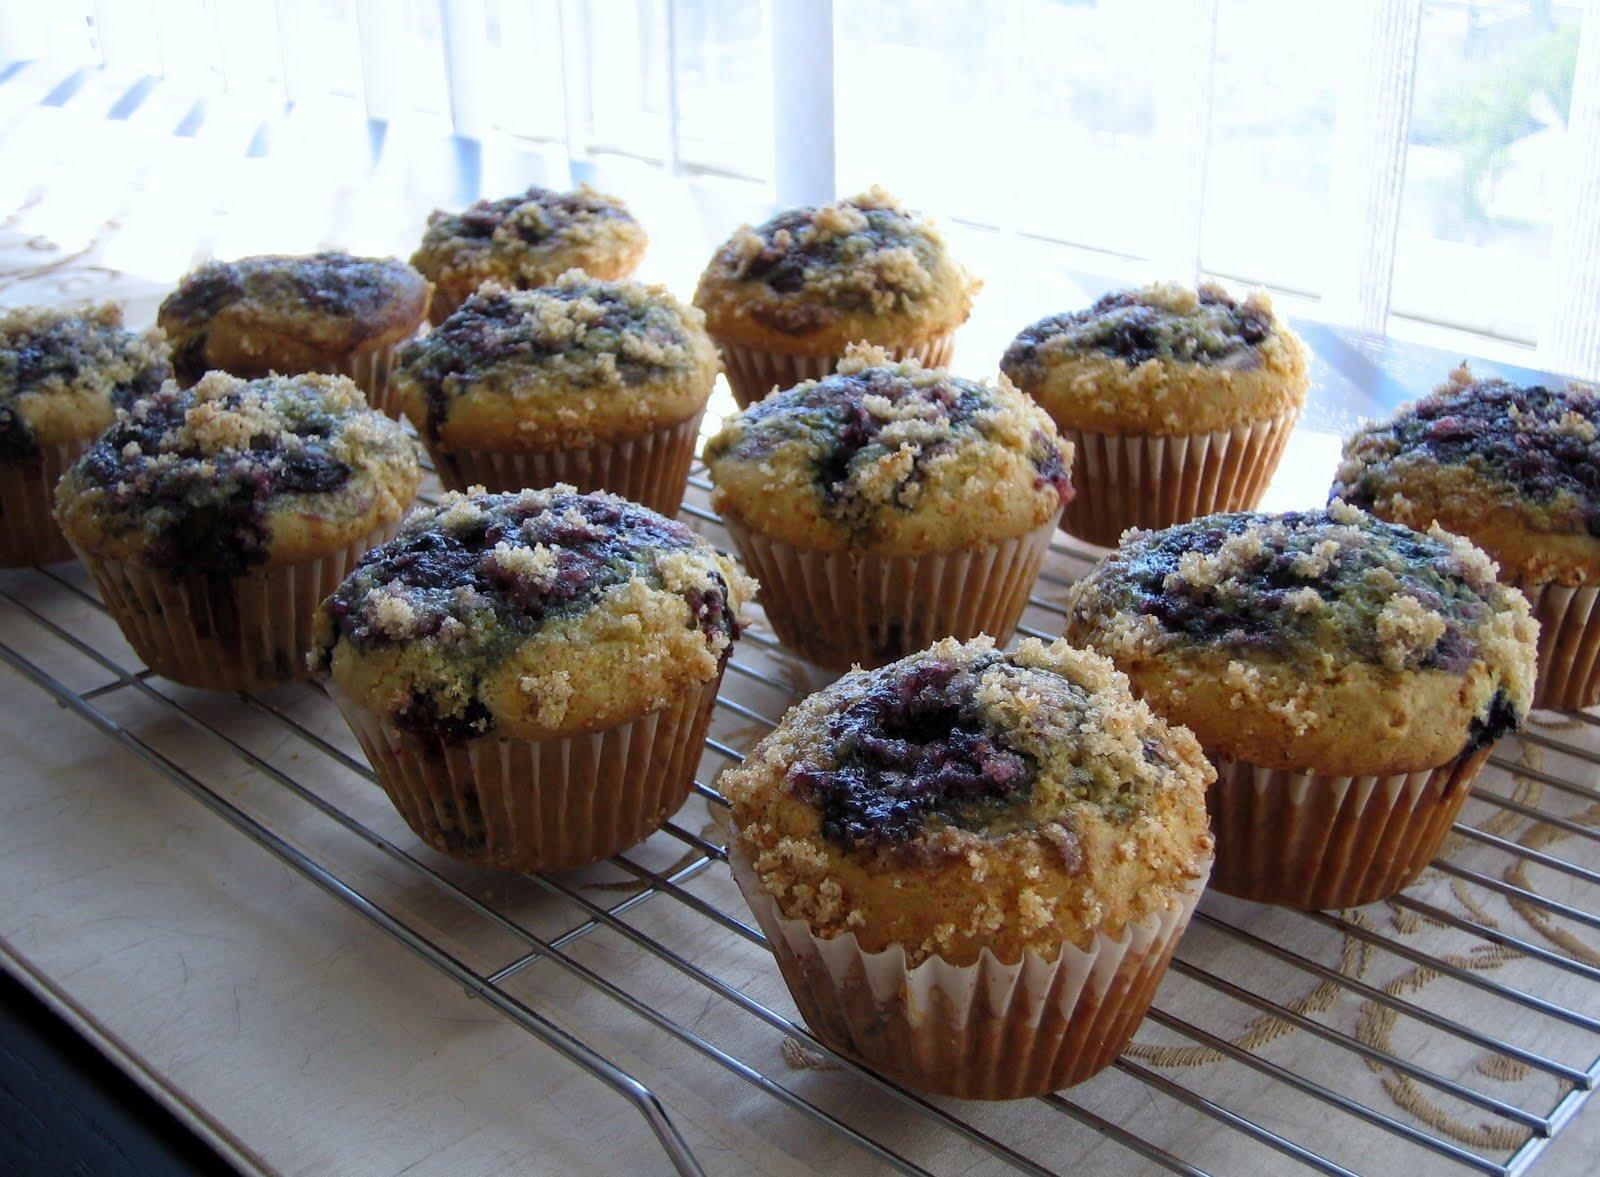 Benevolent Baking: Amazing Blueberry Muffins! - photo#24